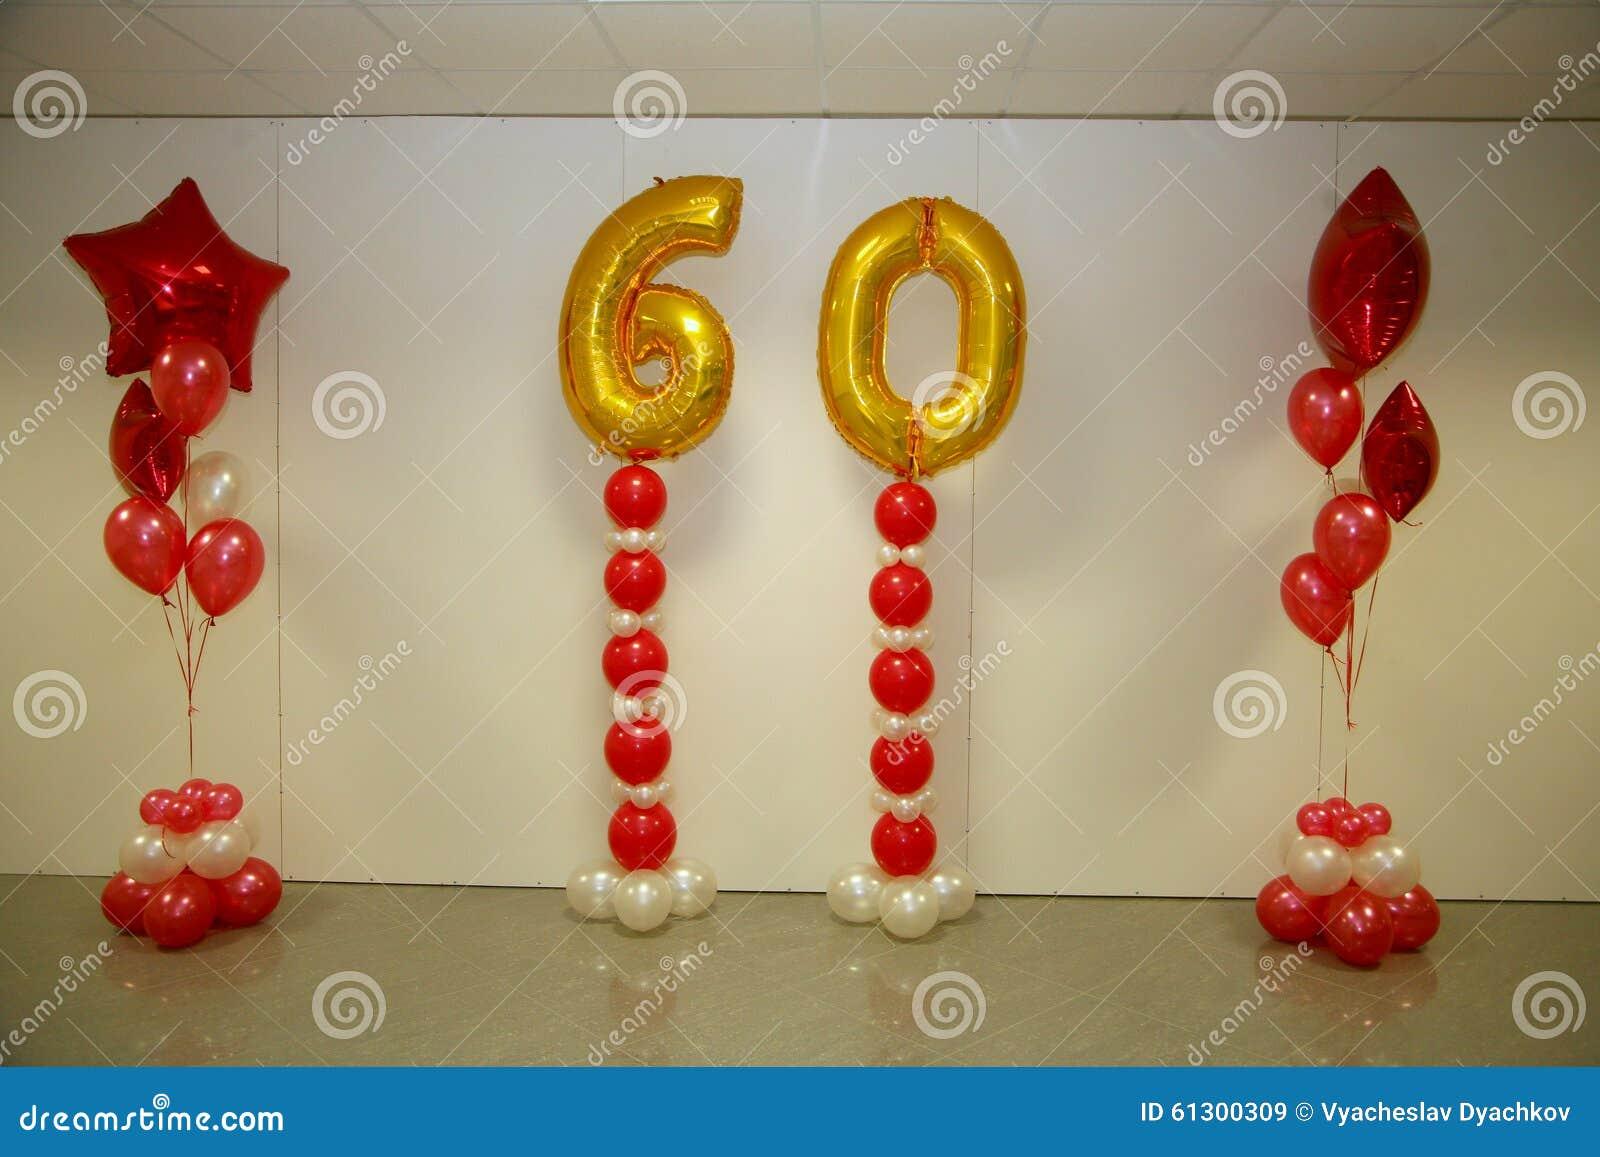 Decorações do feriado da foto da fase, da cortina ou da parede com o número 60 (sessenta)